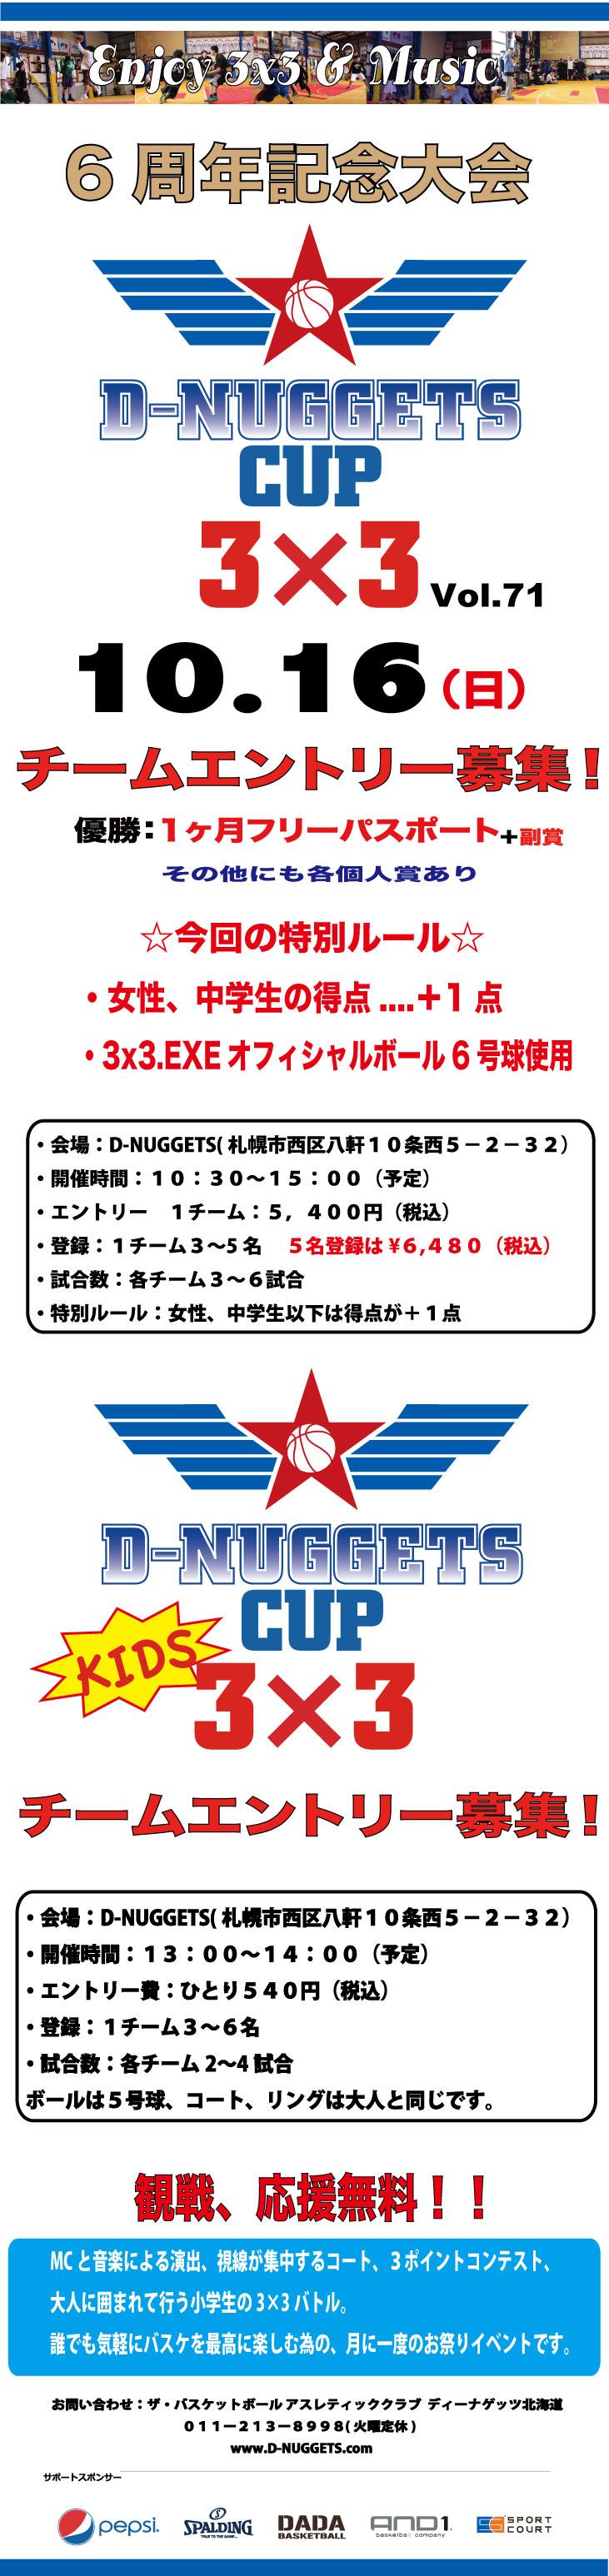 ディーナゲッツ北海道「10月の3x3(6周年記念)大会のお知らせ